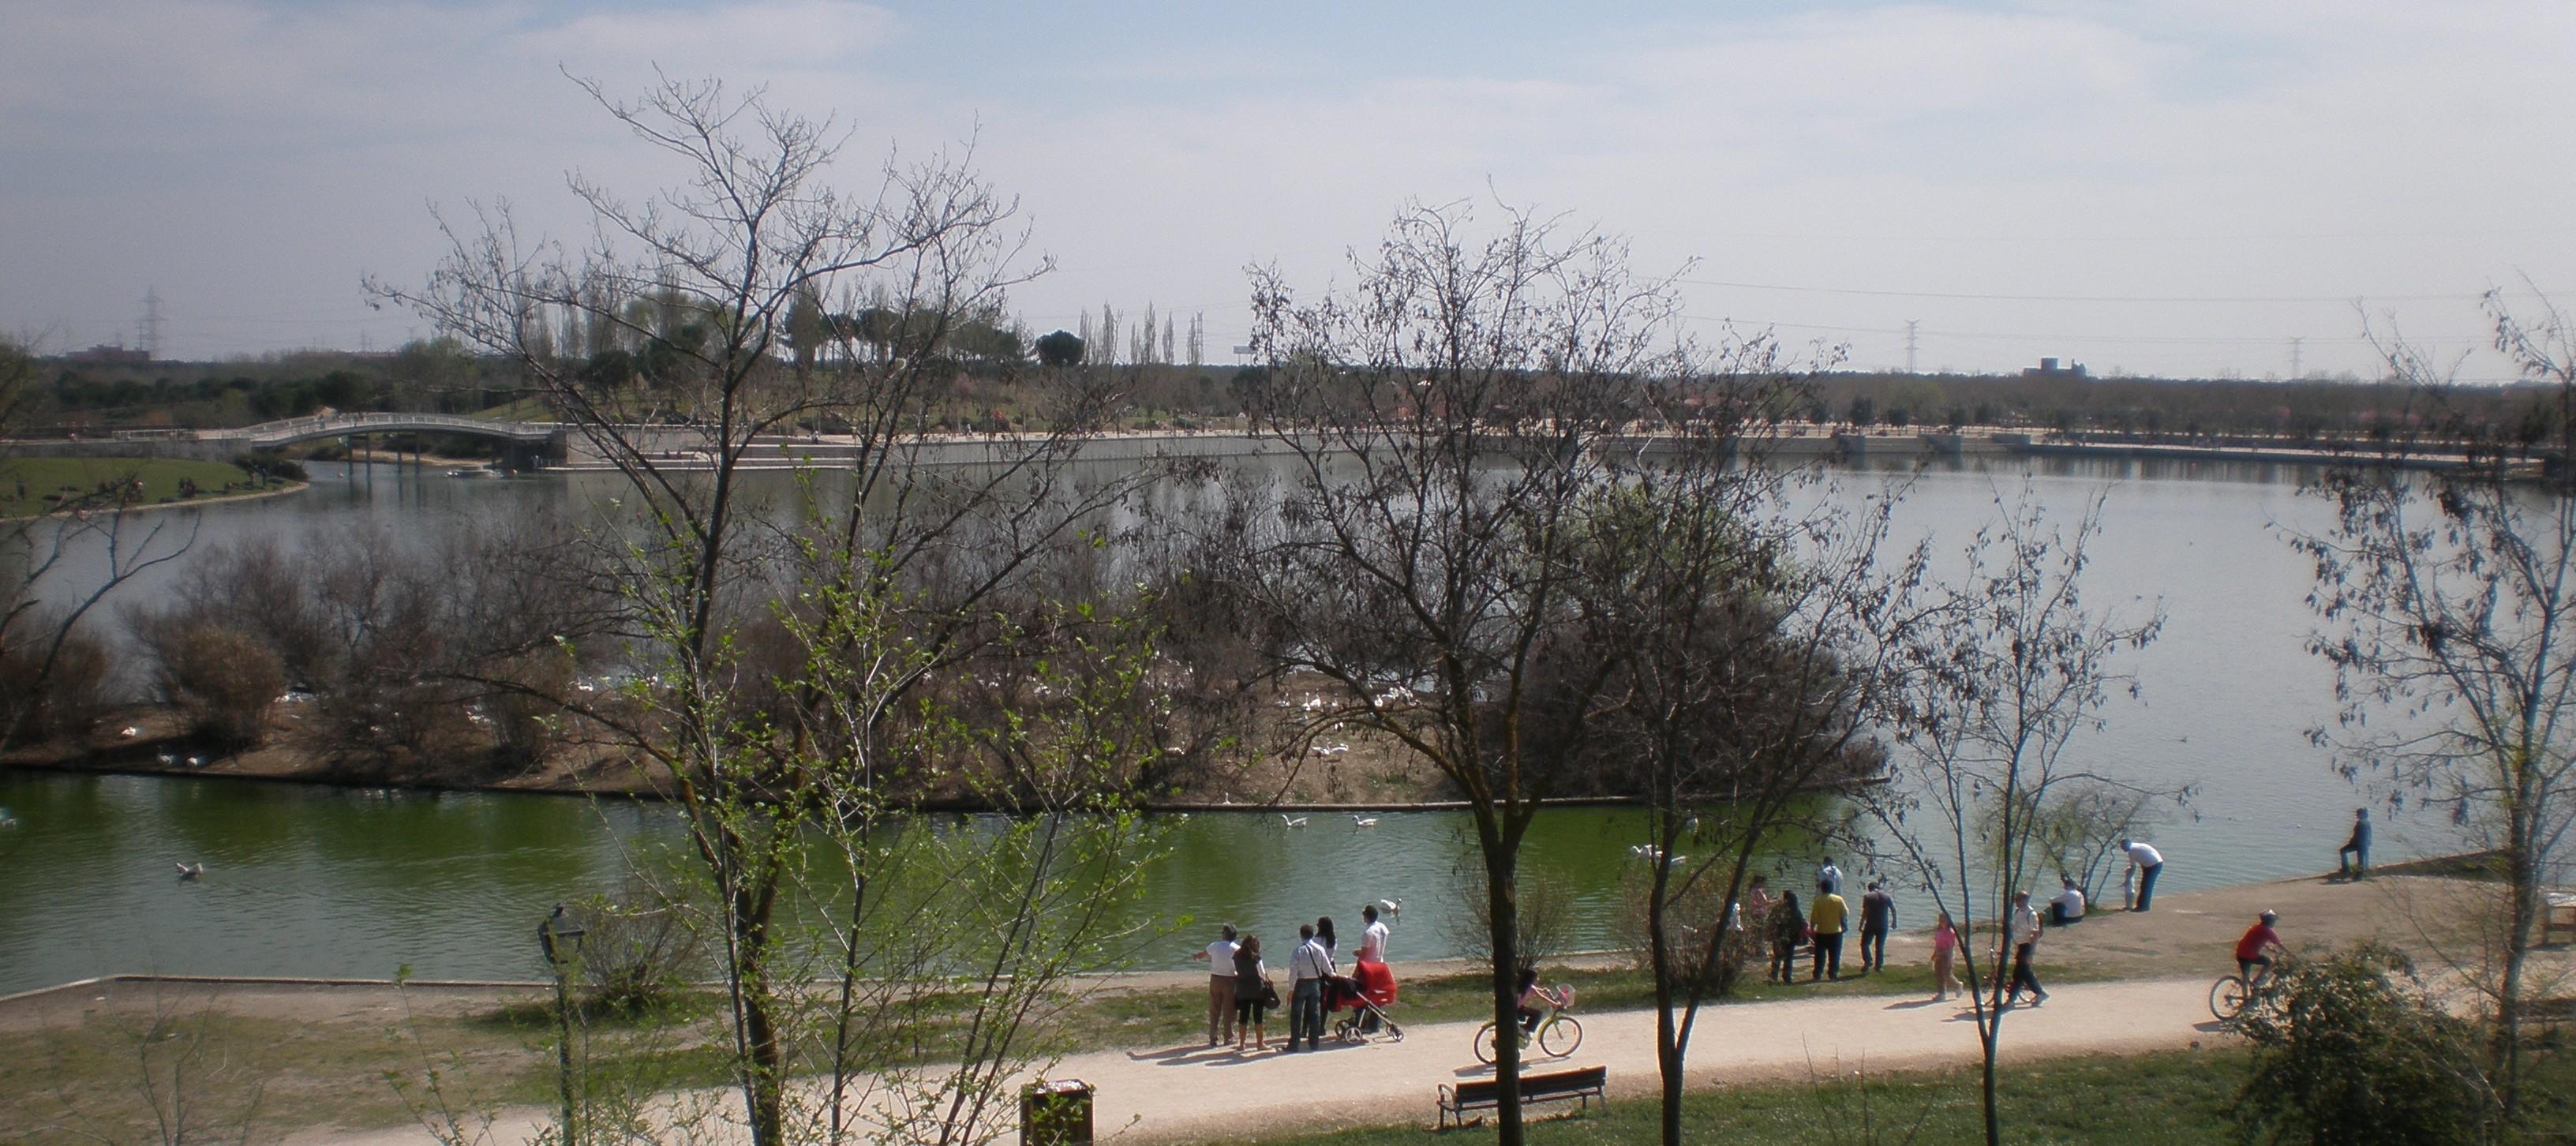 Parque de Polvoranca - Wikipedia, la enciclopedia libre